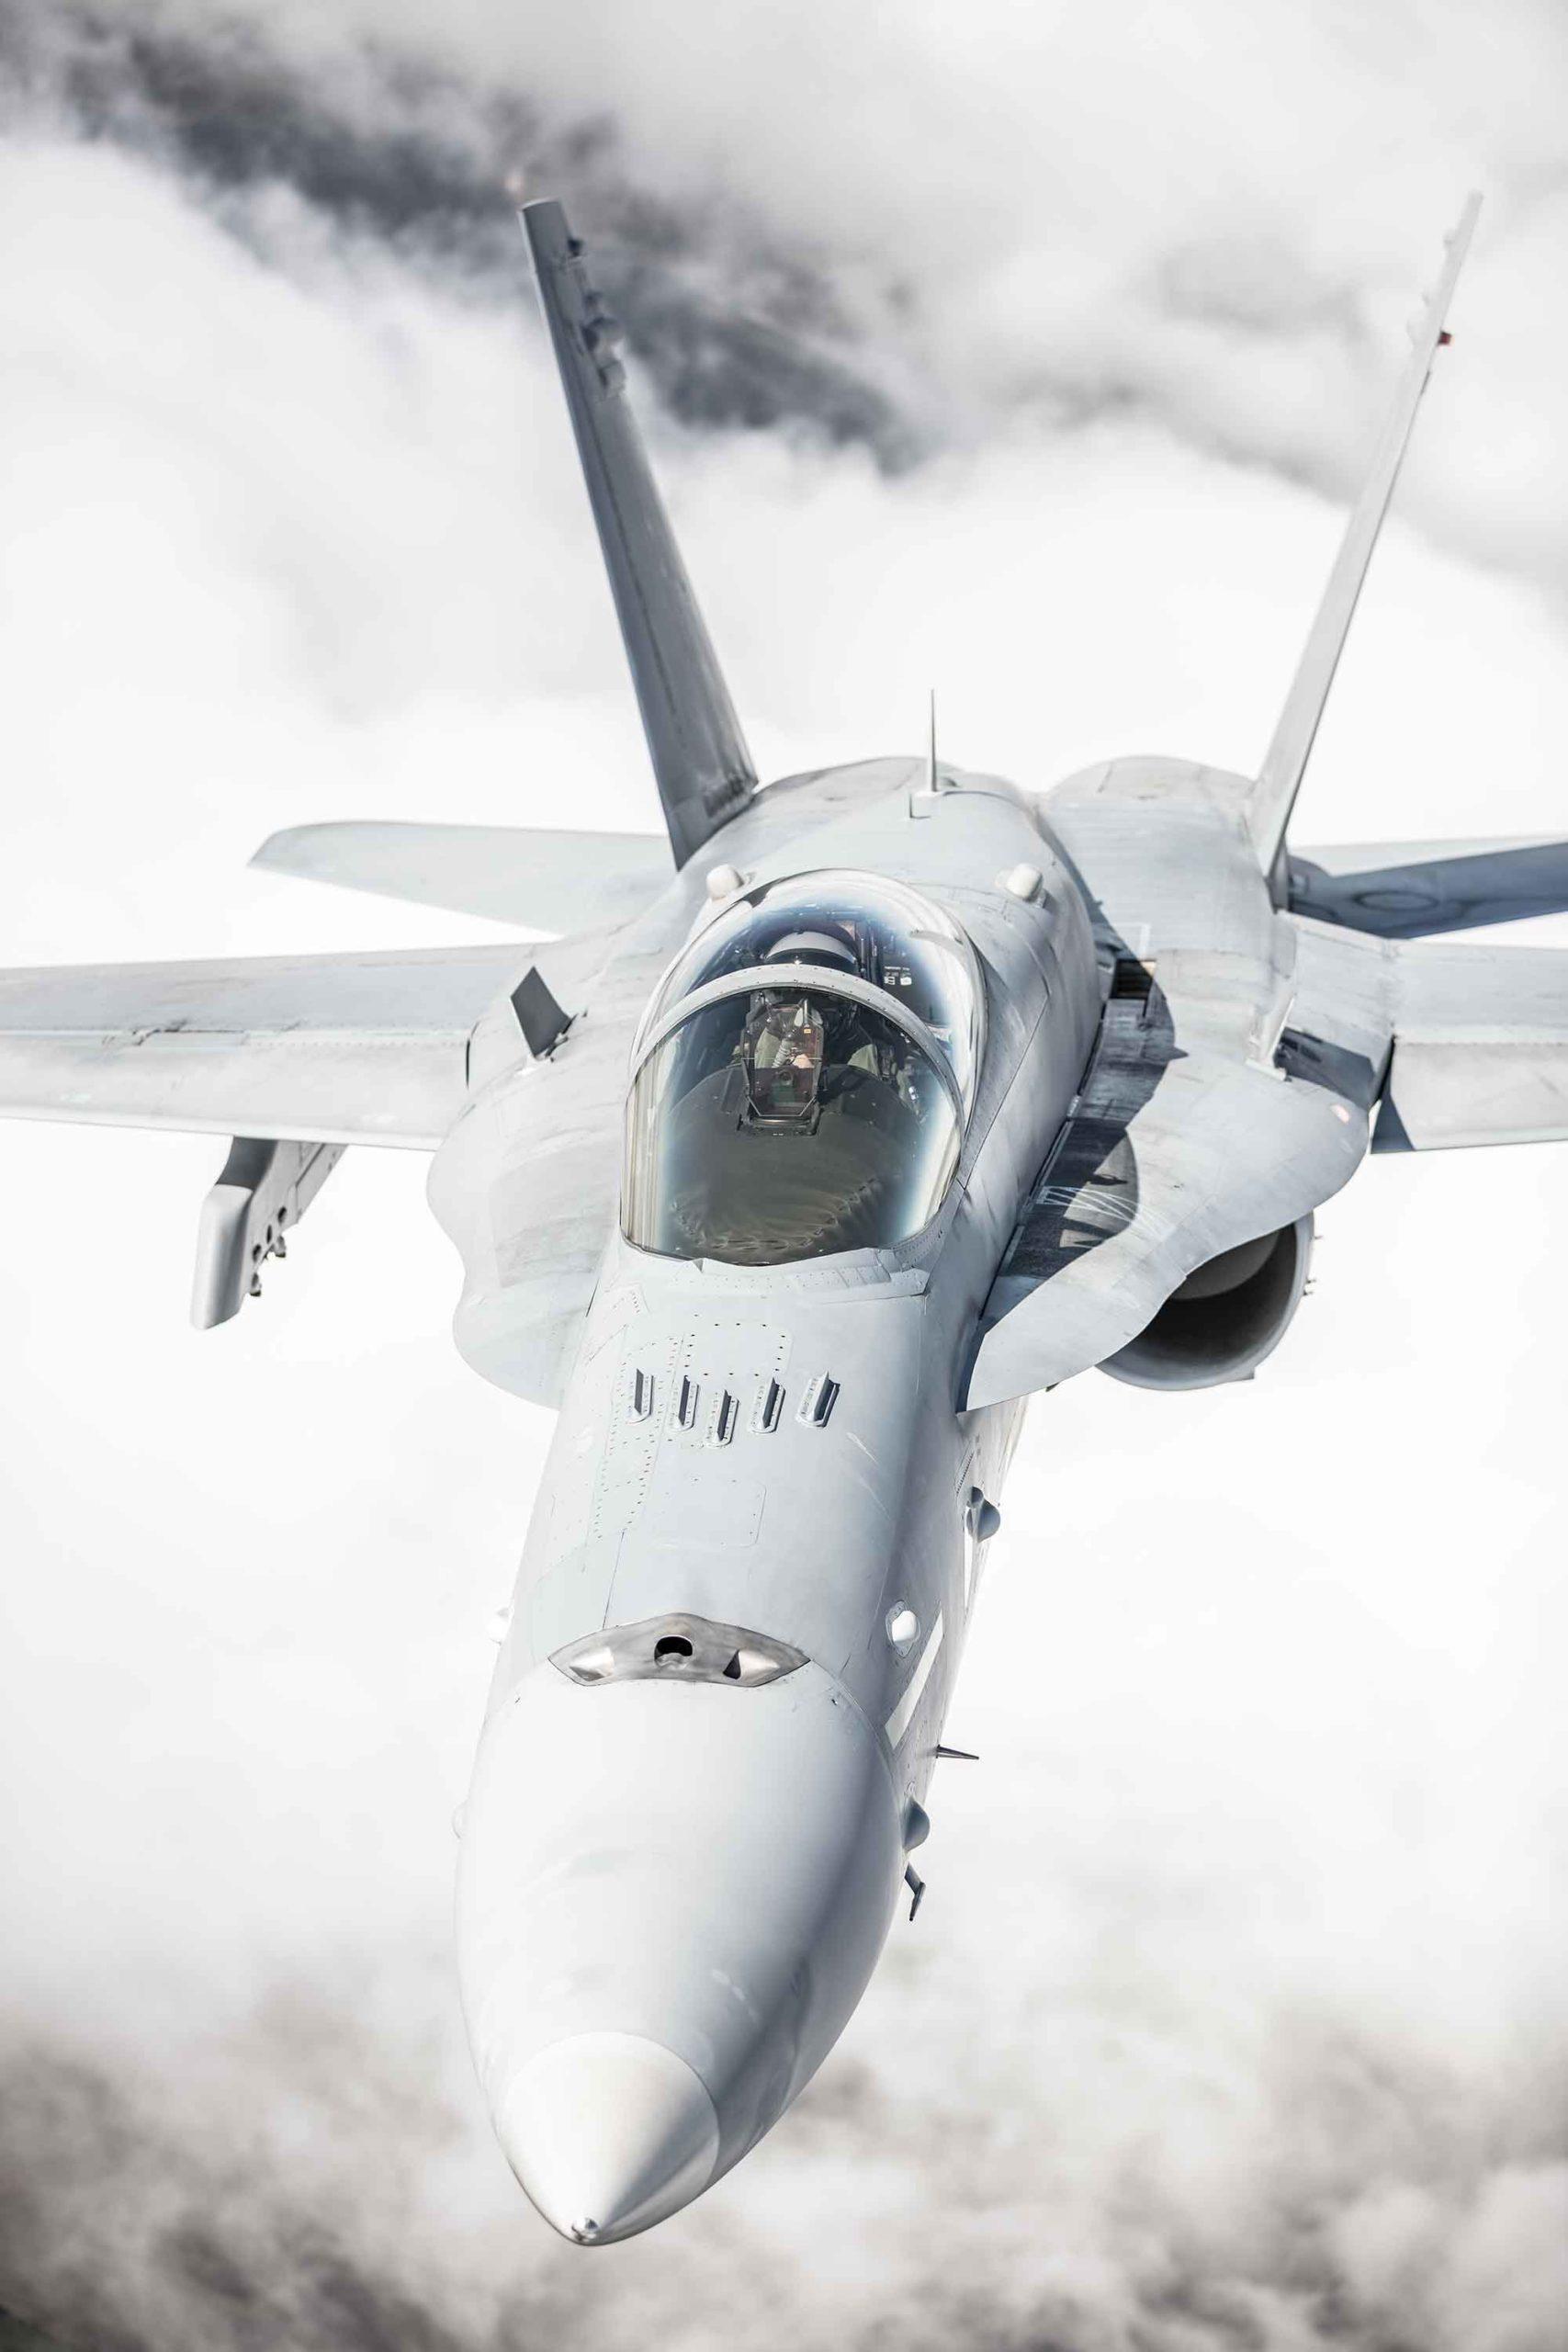 Finnish Mcdonnell Douglass F18 Hornet